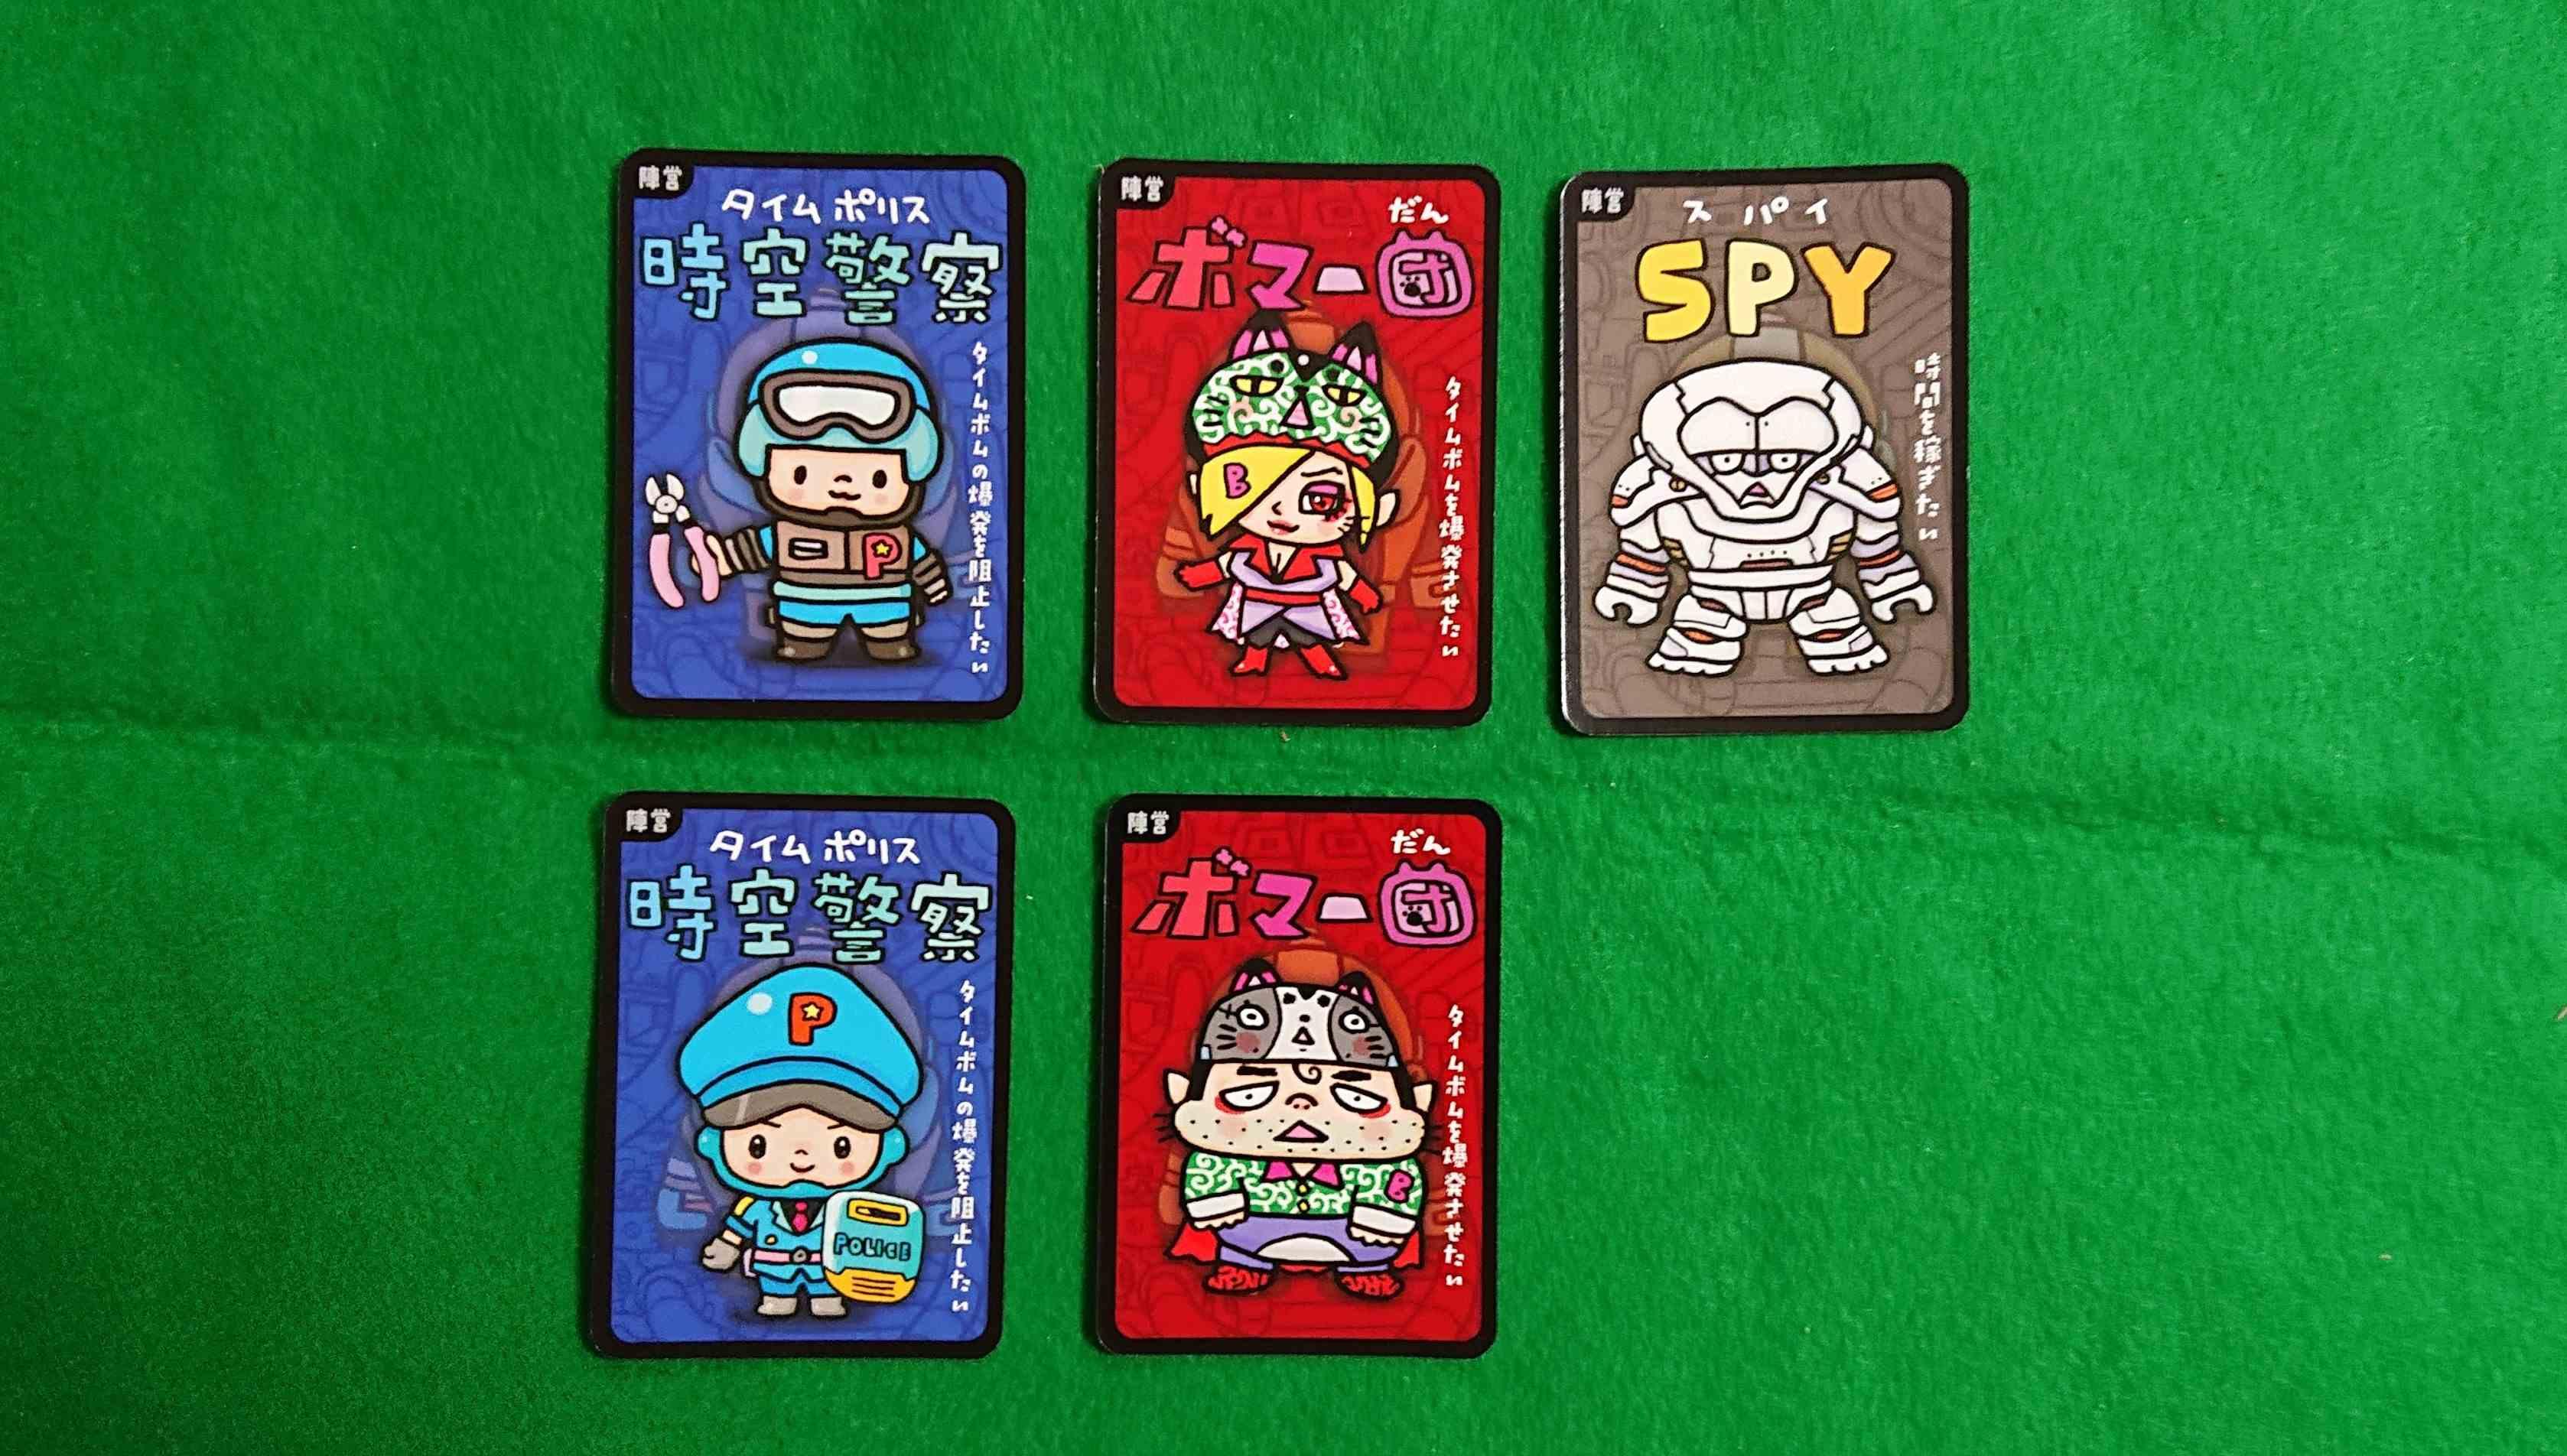 タイムボム(Time Bomb) 正体隠匿系カードゲーム あなたは味方ですか? ボードゲーム ルール説明